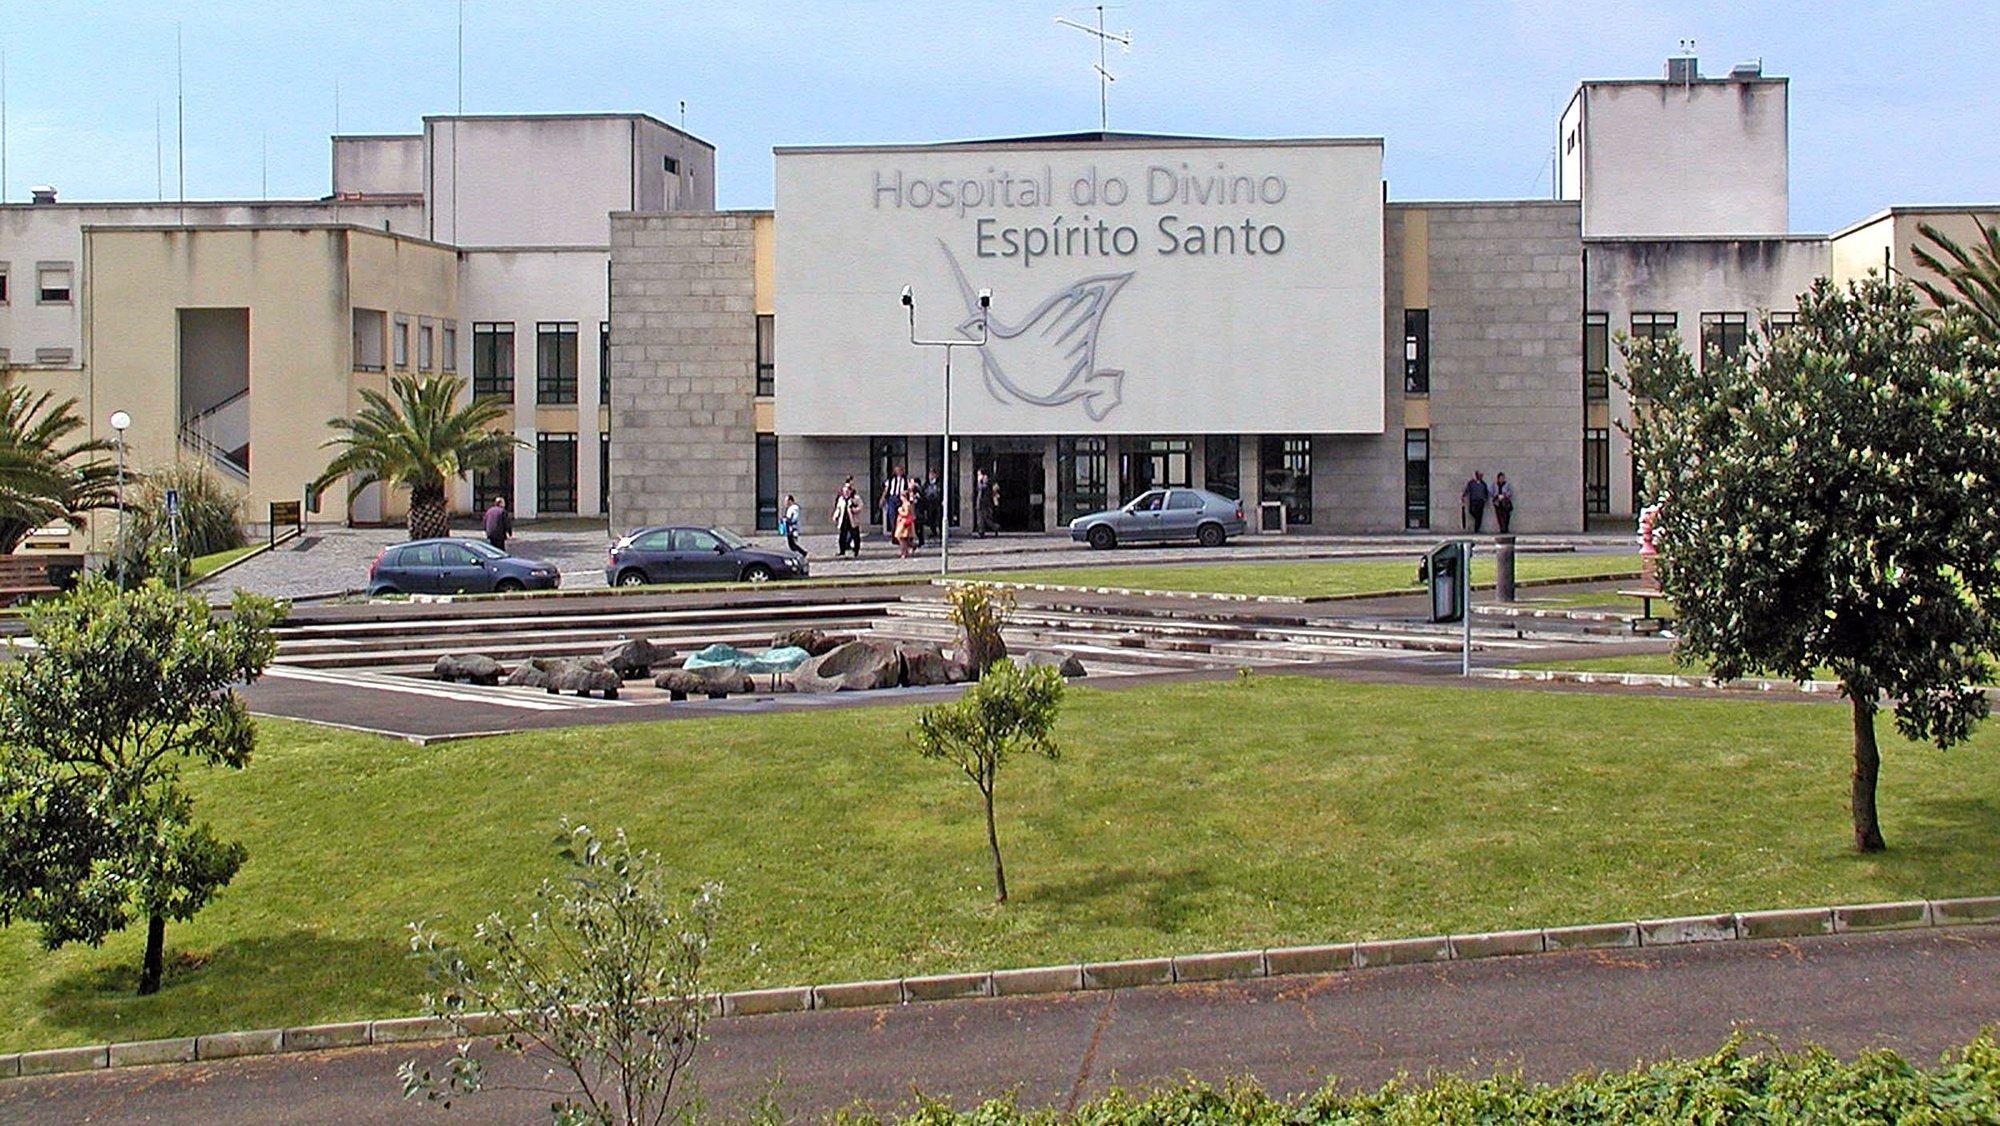 fachada do hospital divino espirito santo.foto eduardo costa